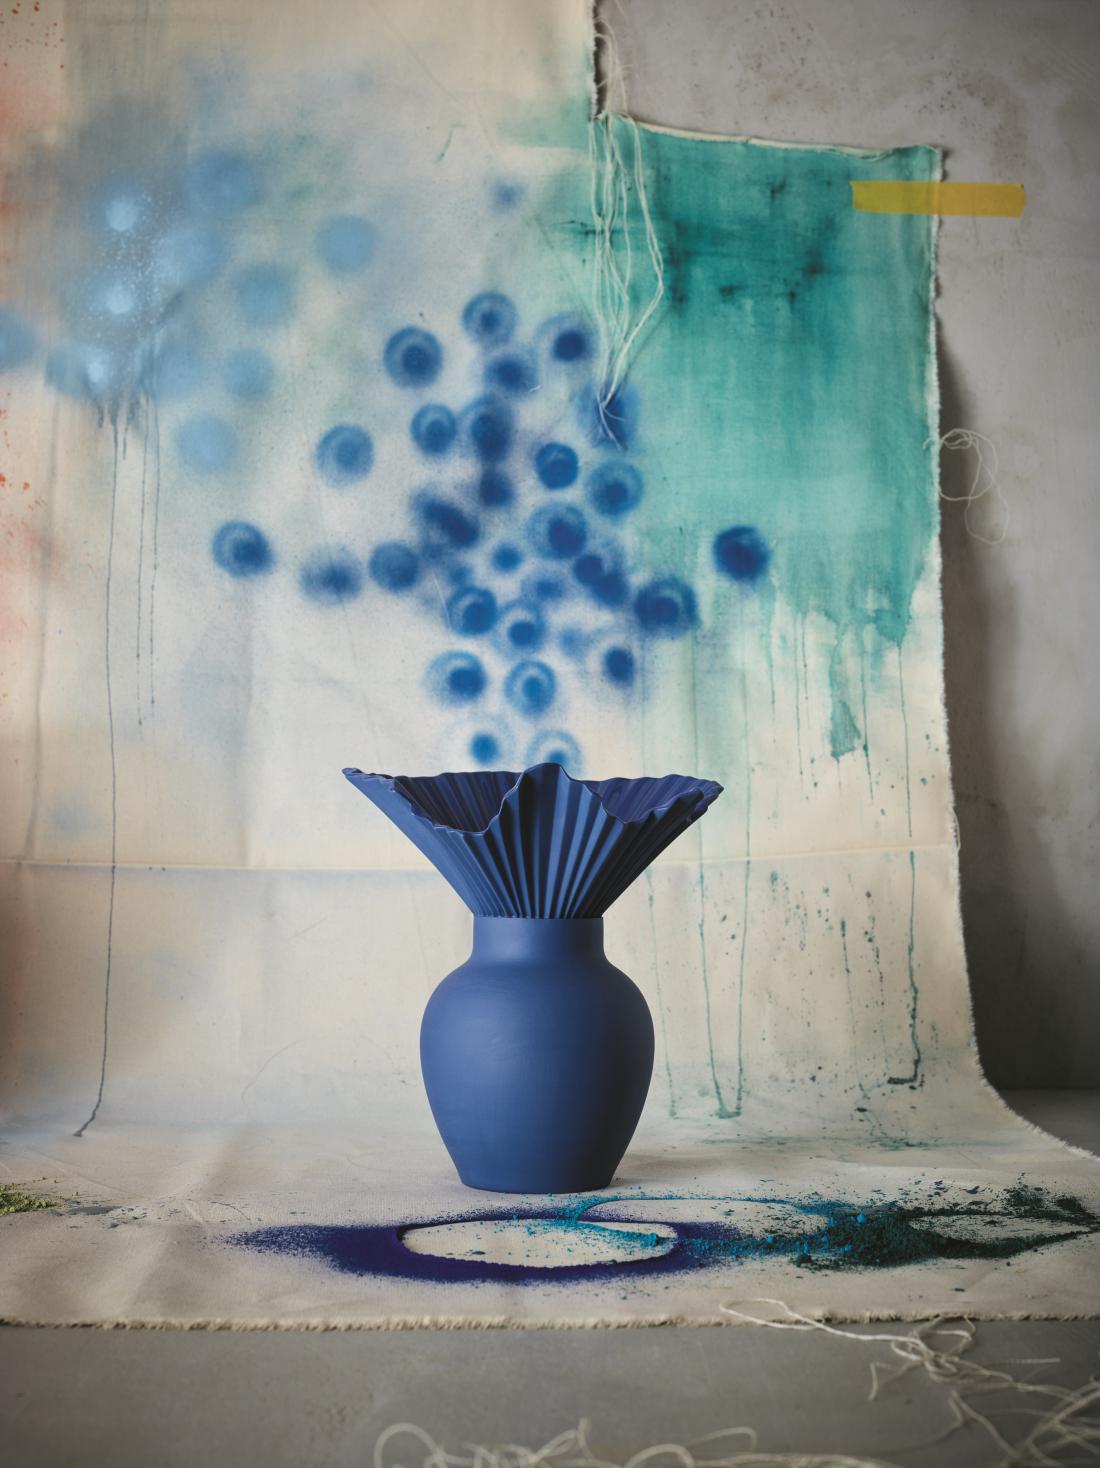 Vaza Falda, ki jo je nemški oblikovalec Sebastian Herkner oblikoval pred sedmimi leti, je zdaj zaživela v modrem odtenku.